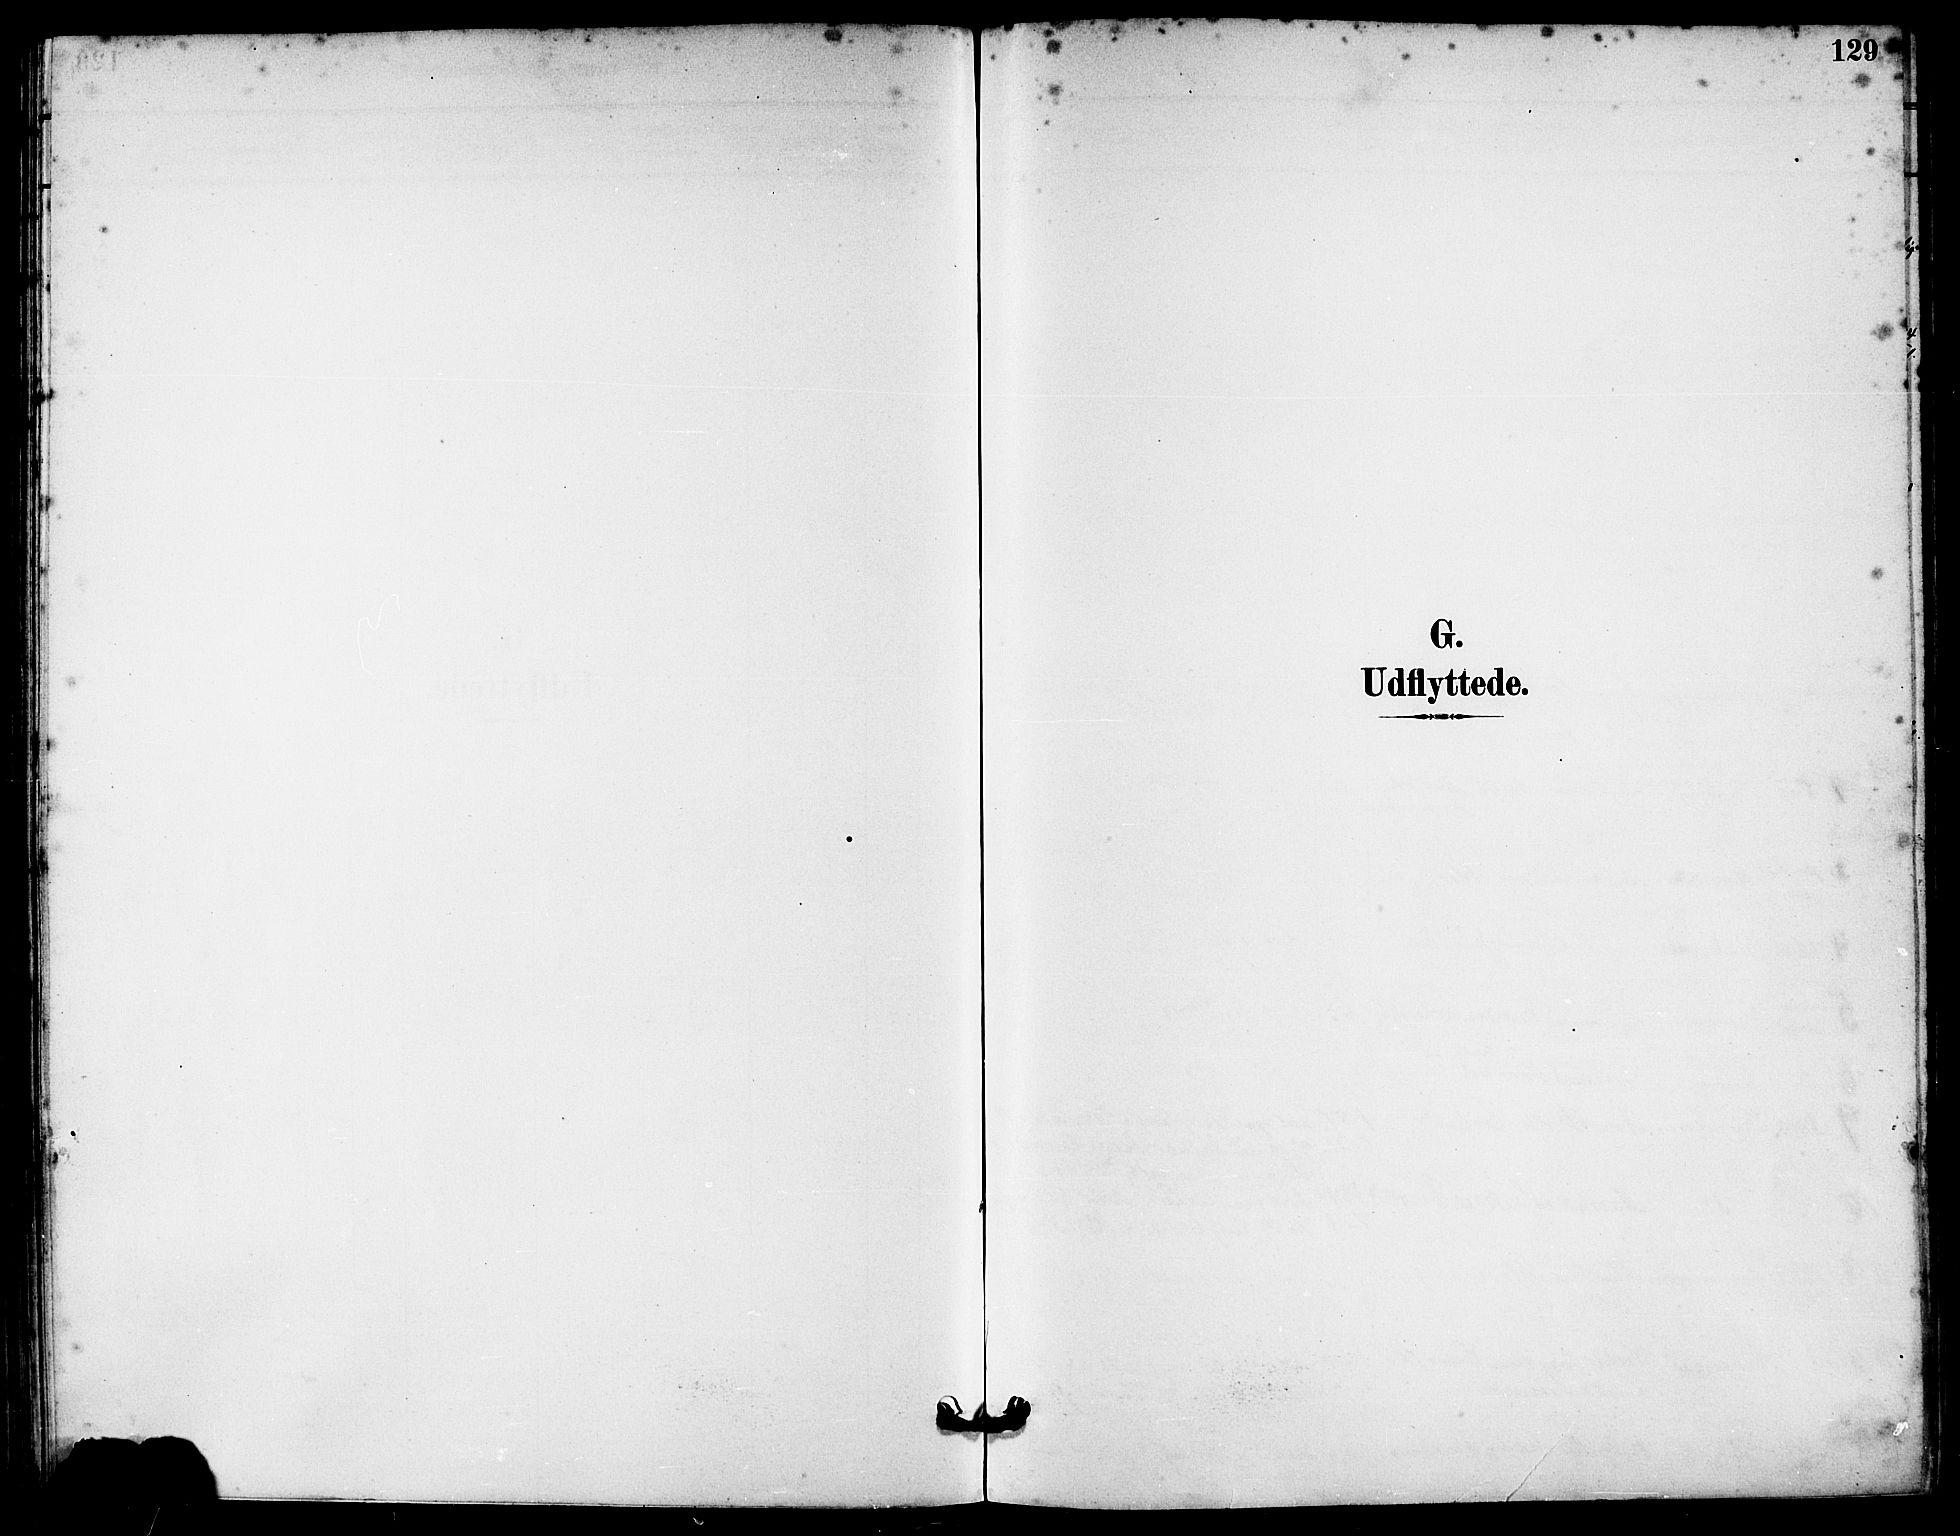 SAST, Håland sokneprestkontor, 30BA/L0010: Ministerialbok nr. A 9, 1883-1888, s. 129